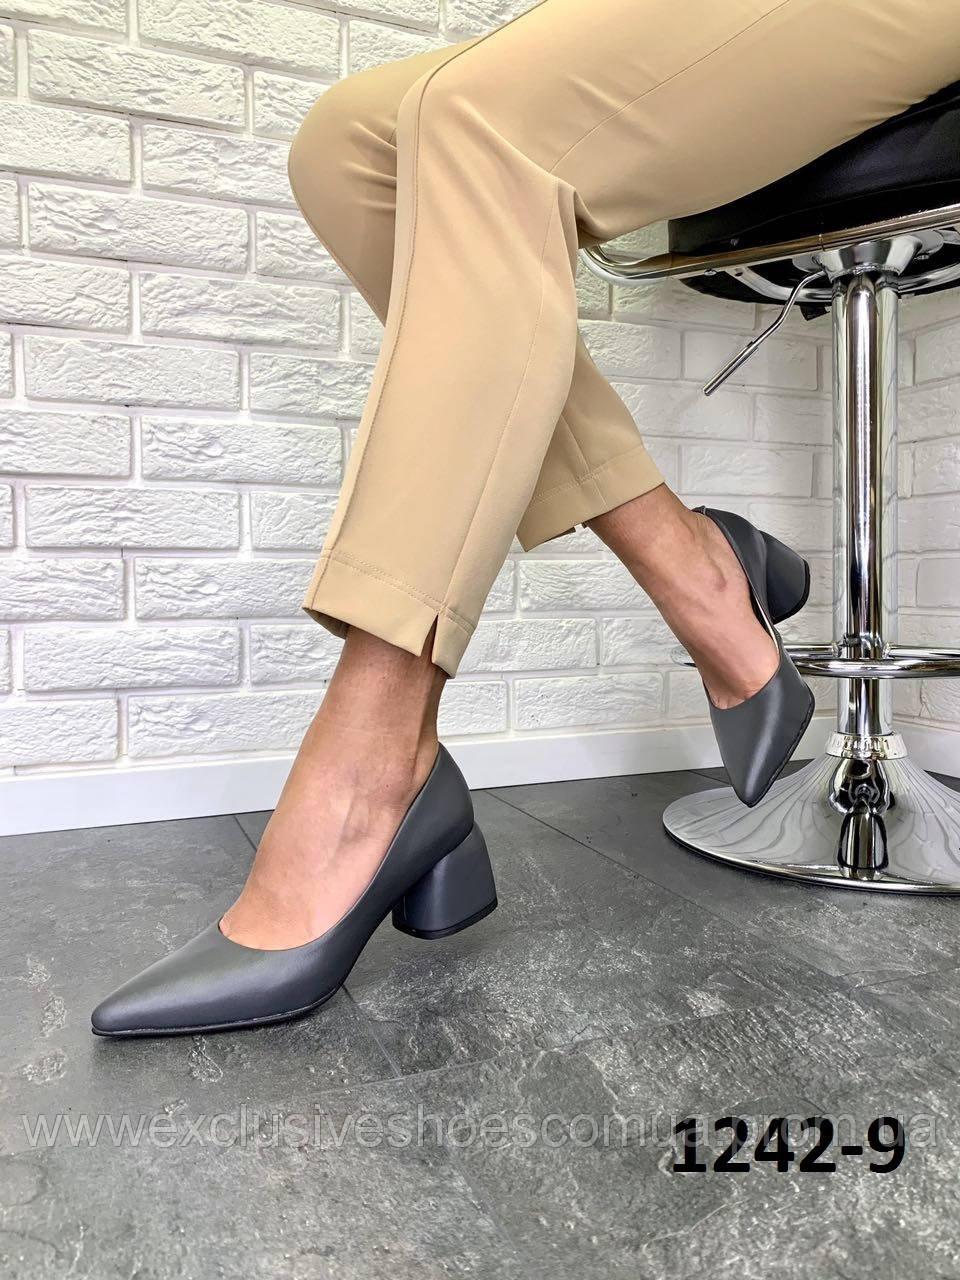 Туфлі жіночі туфельки шкіряні графітові на підборах гостроносі